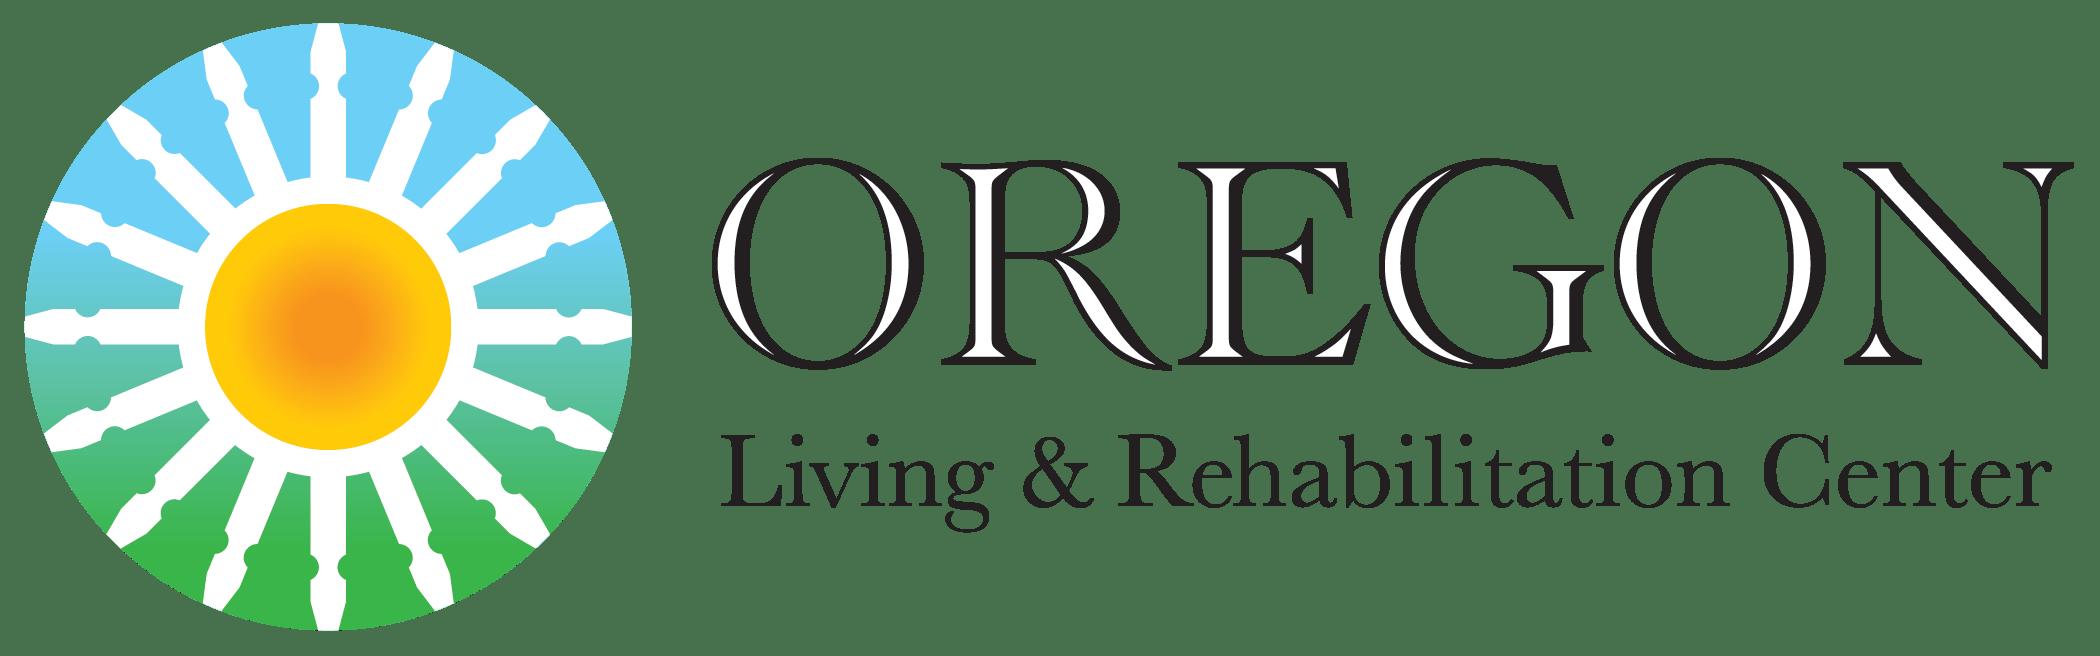 Oregon Living & Rehabilitation Center